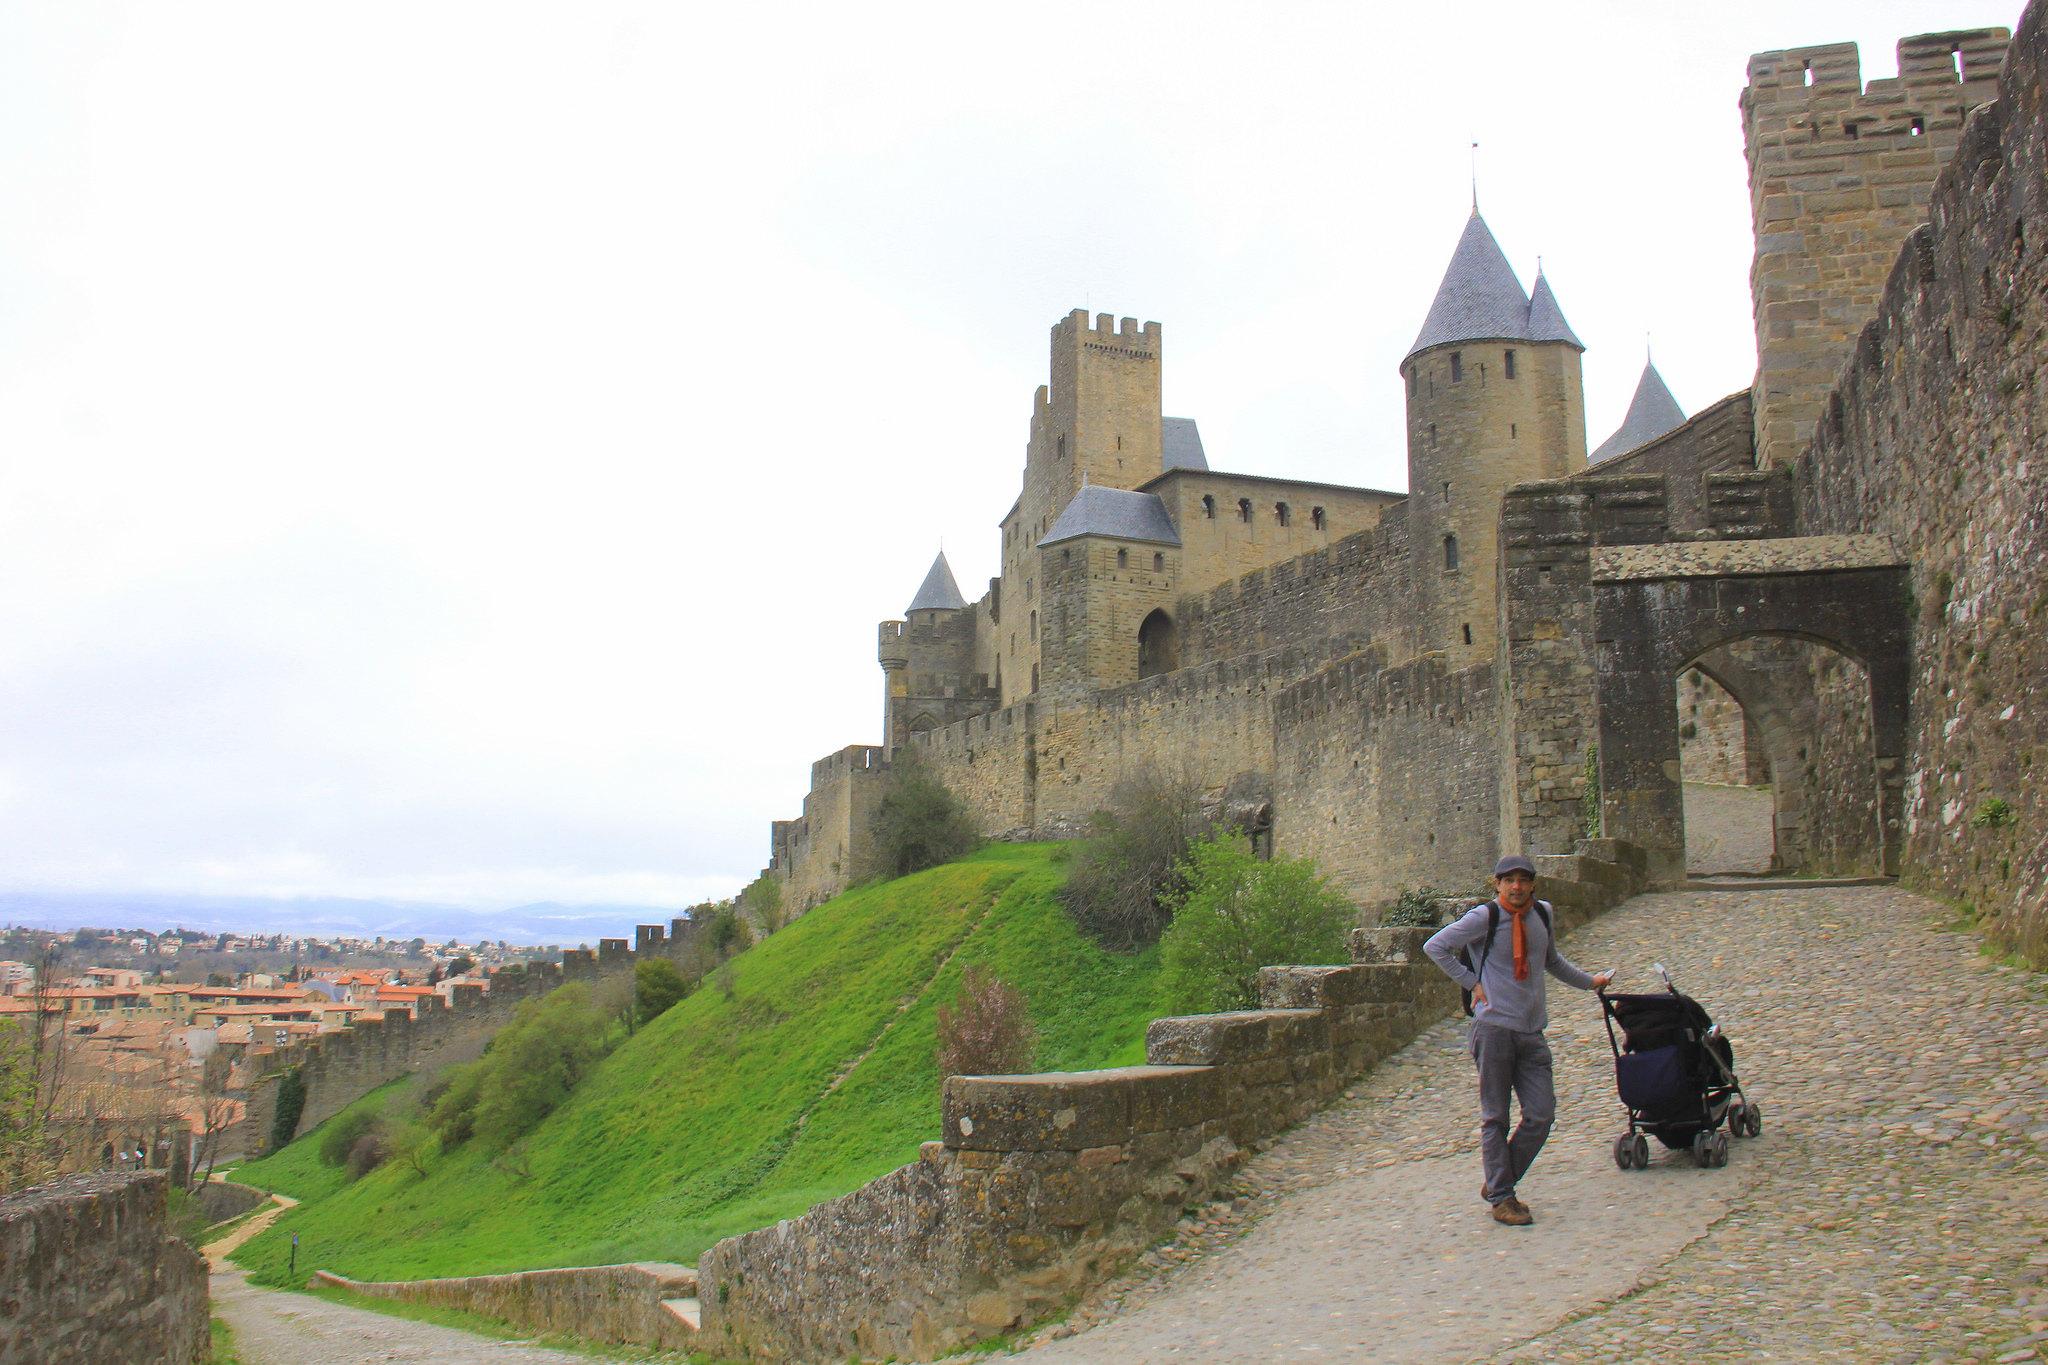 Carcassonne is a popular tourist destination